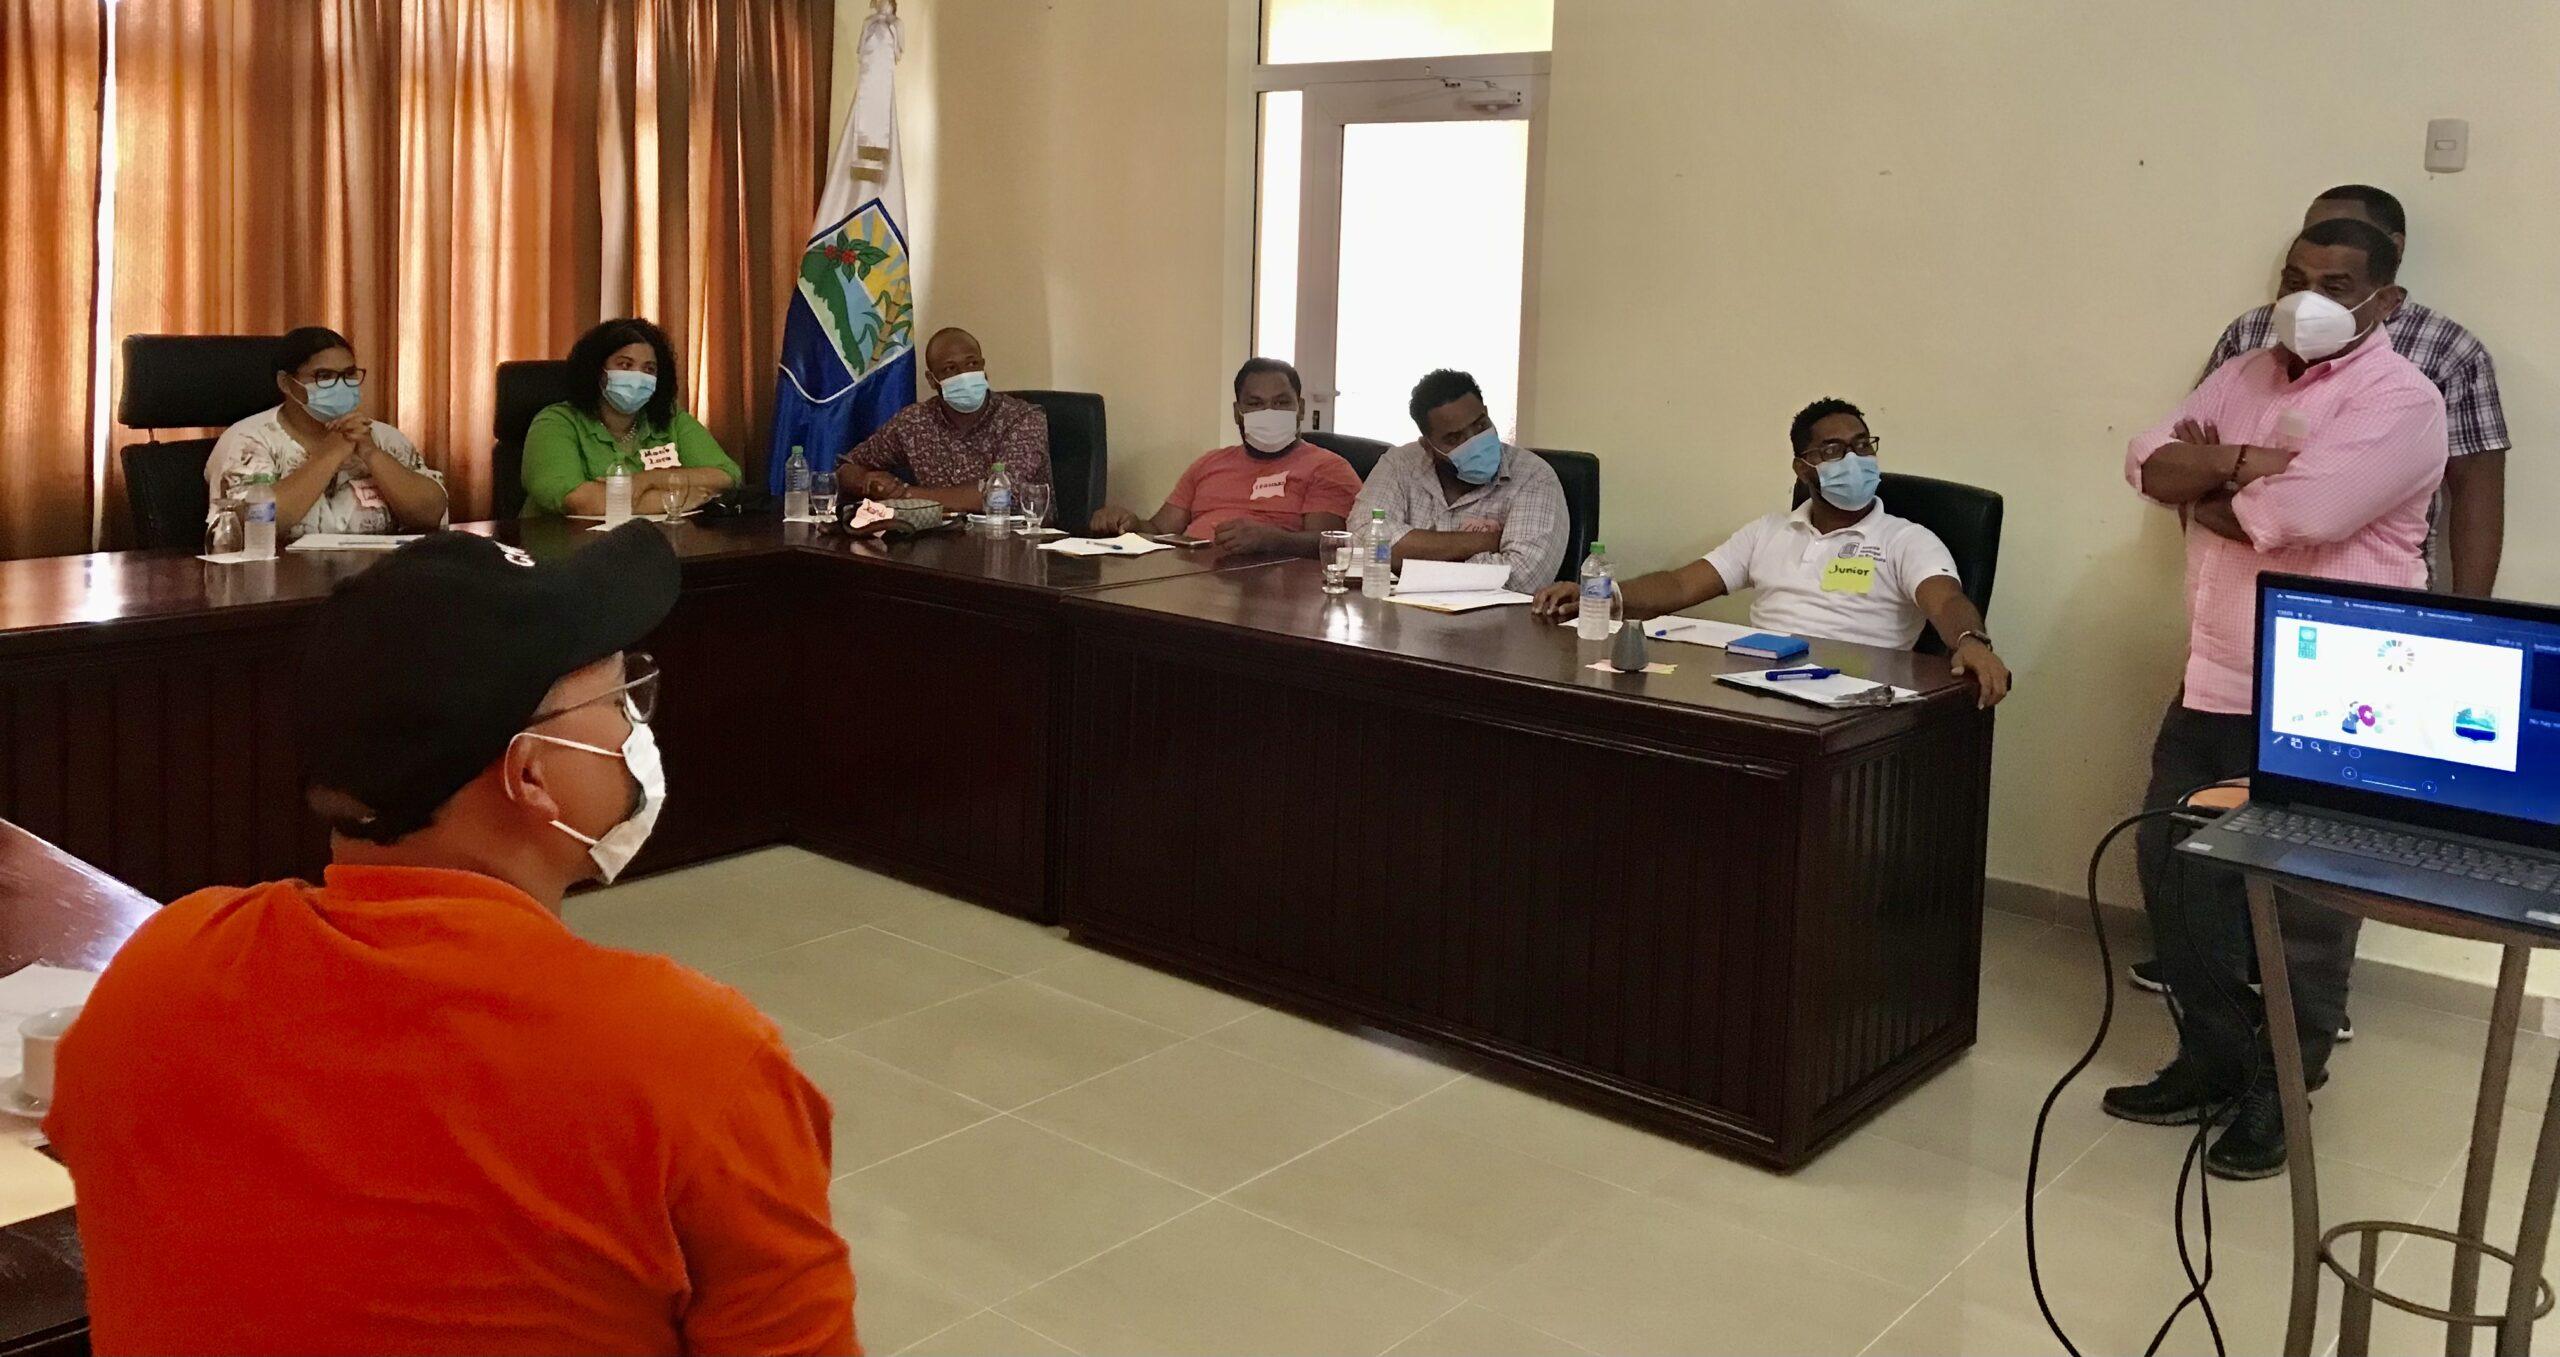 , Alcaldía de Barahona y PNUD realizan encuentro con jóvenes para Plan de Recuperación Socioeconómica